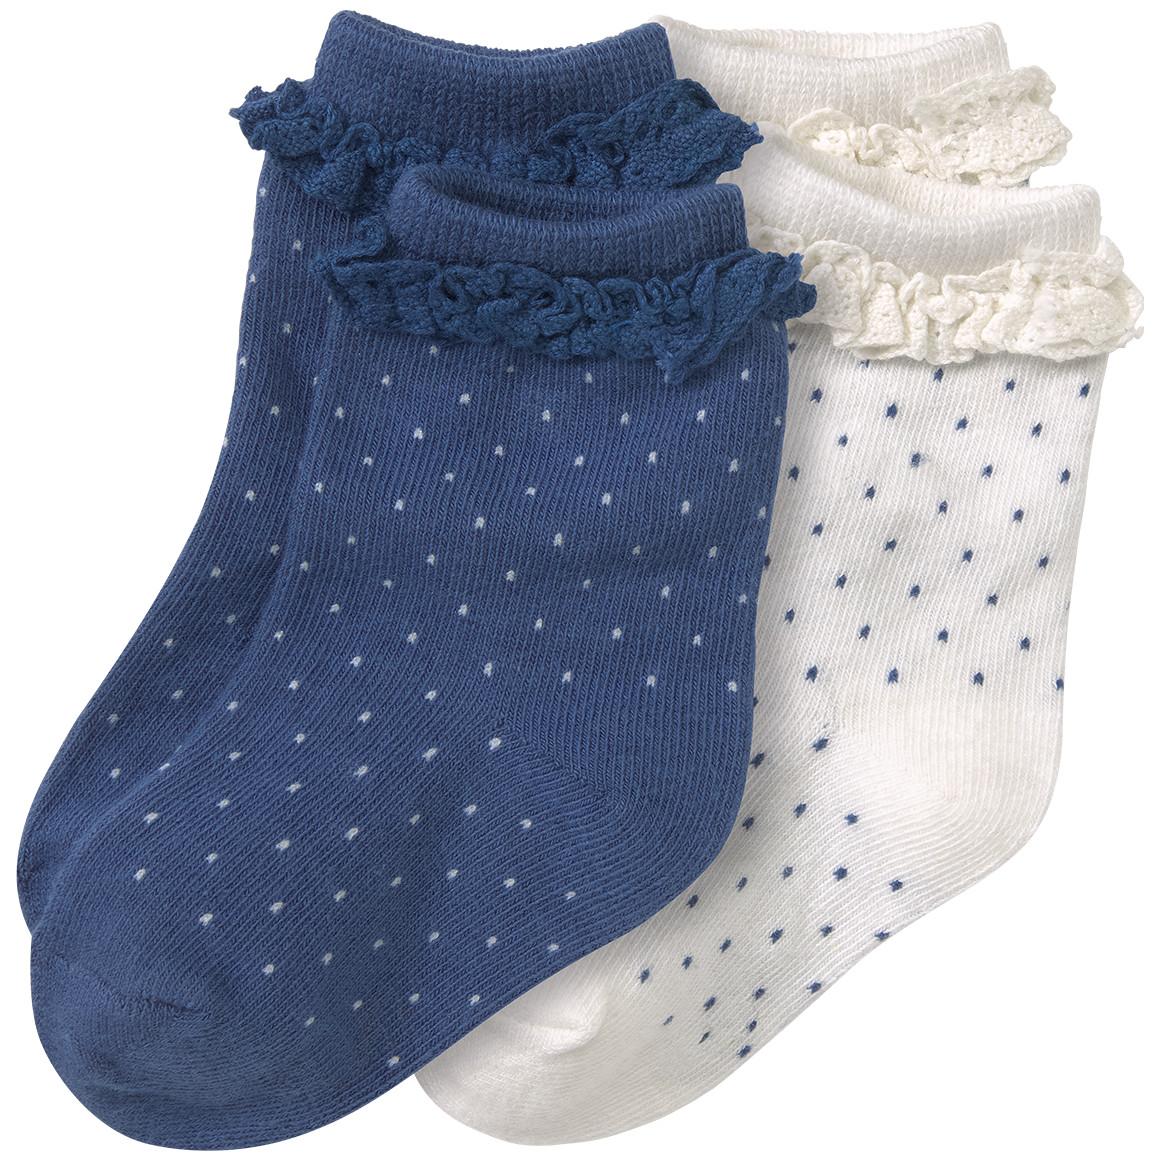 2 Paar Mädchen Socken mit Rüschen